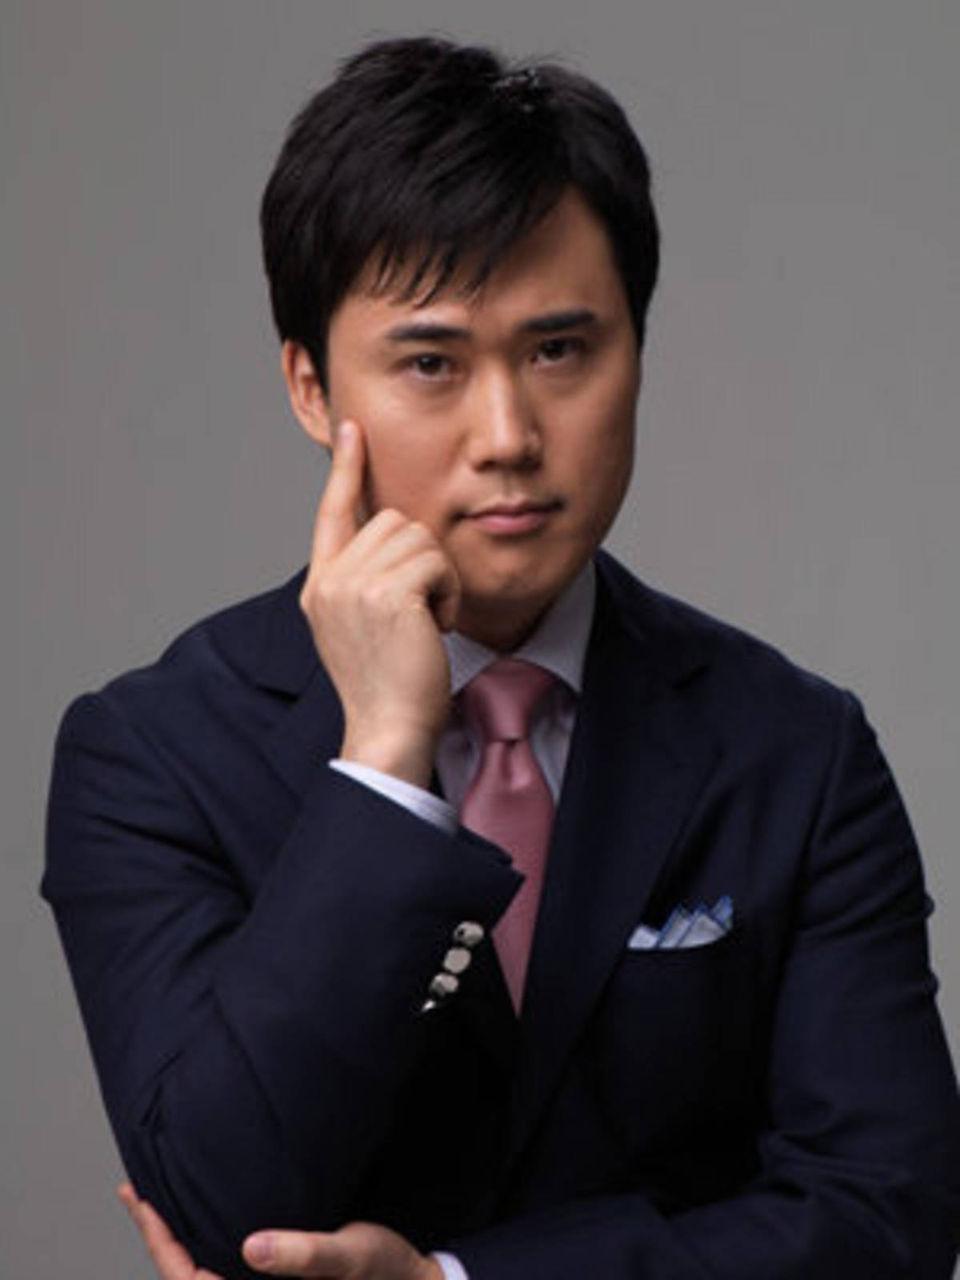 【エンタメ画像】松村香織「高須砲絶賛受付中です」→幹弥センセー「そ、それは♪」